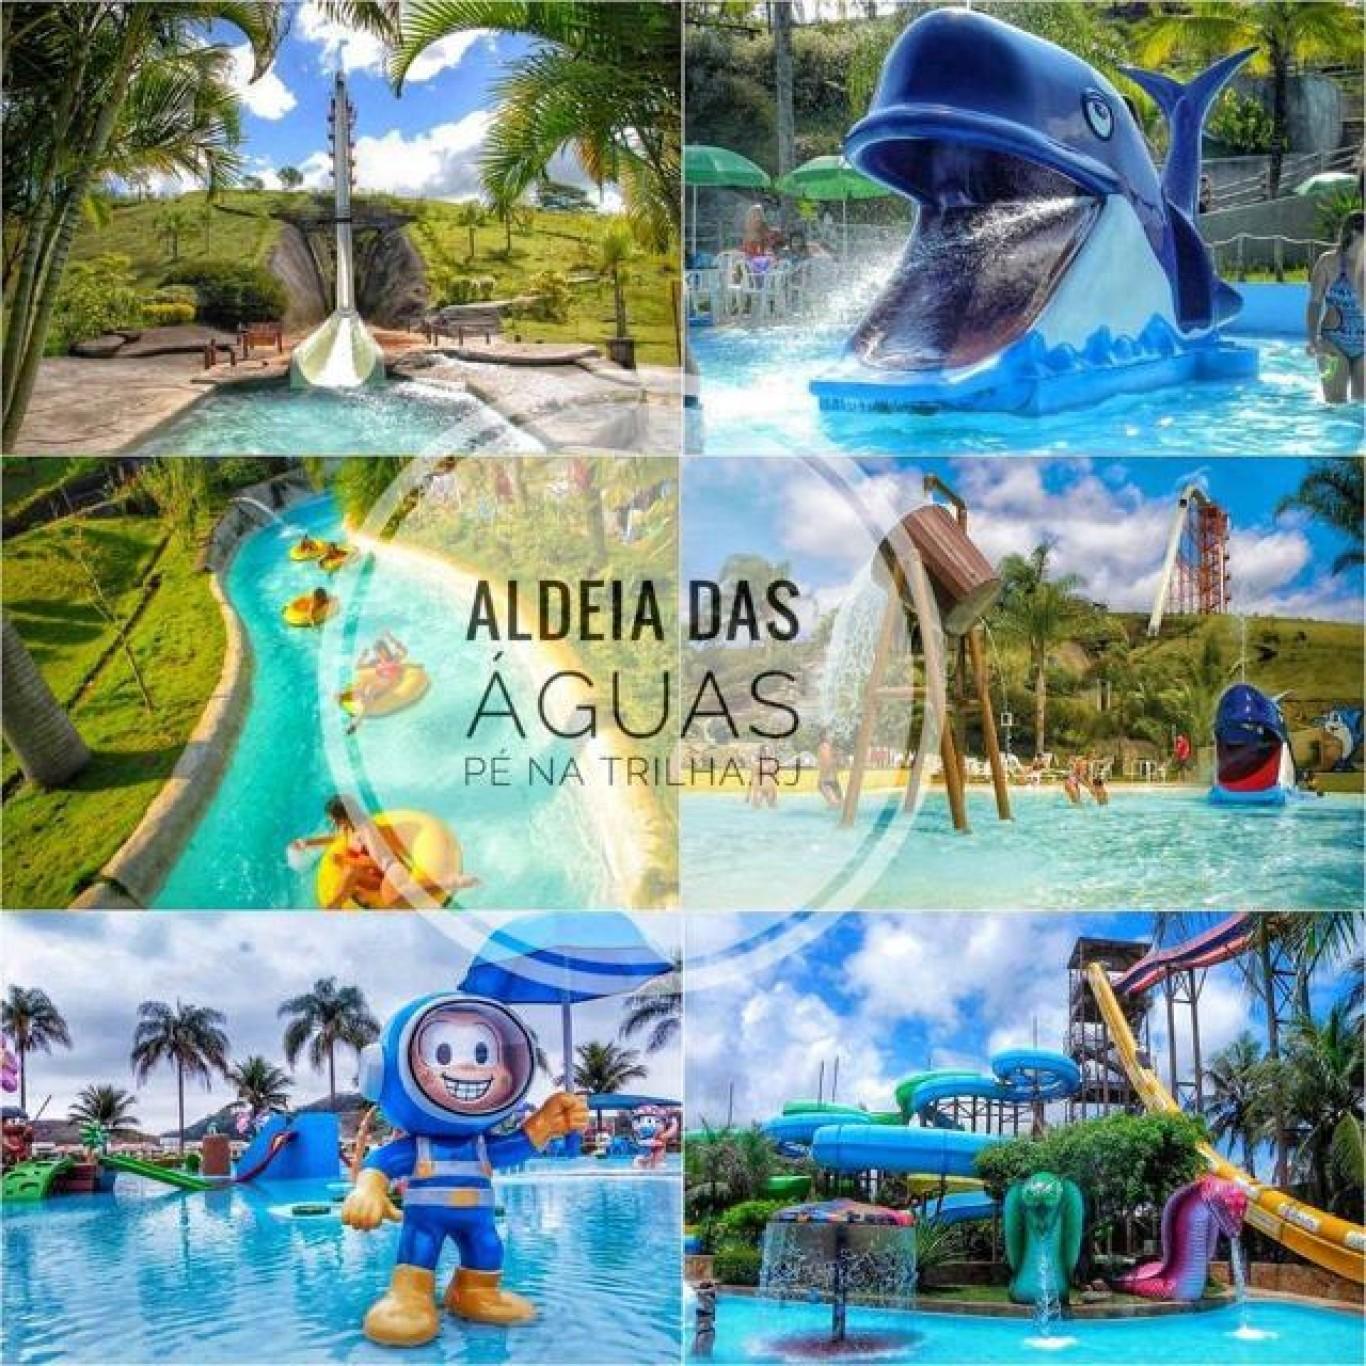 Excursão ao Resort Aldeia das Águas